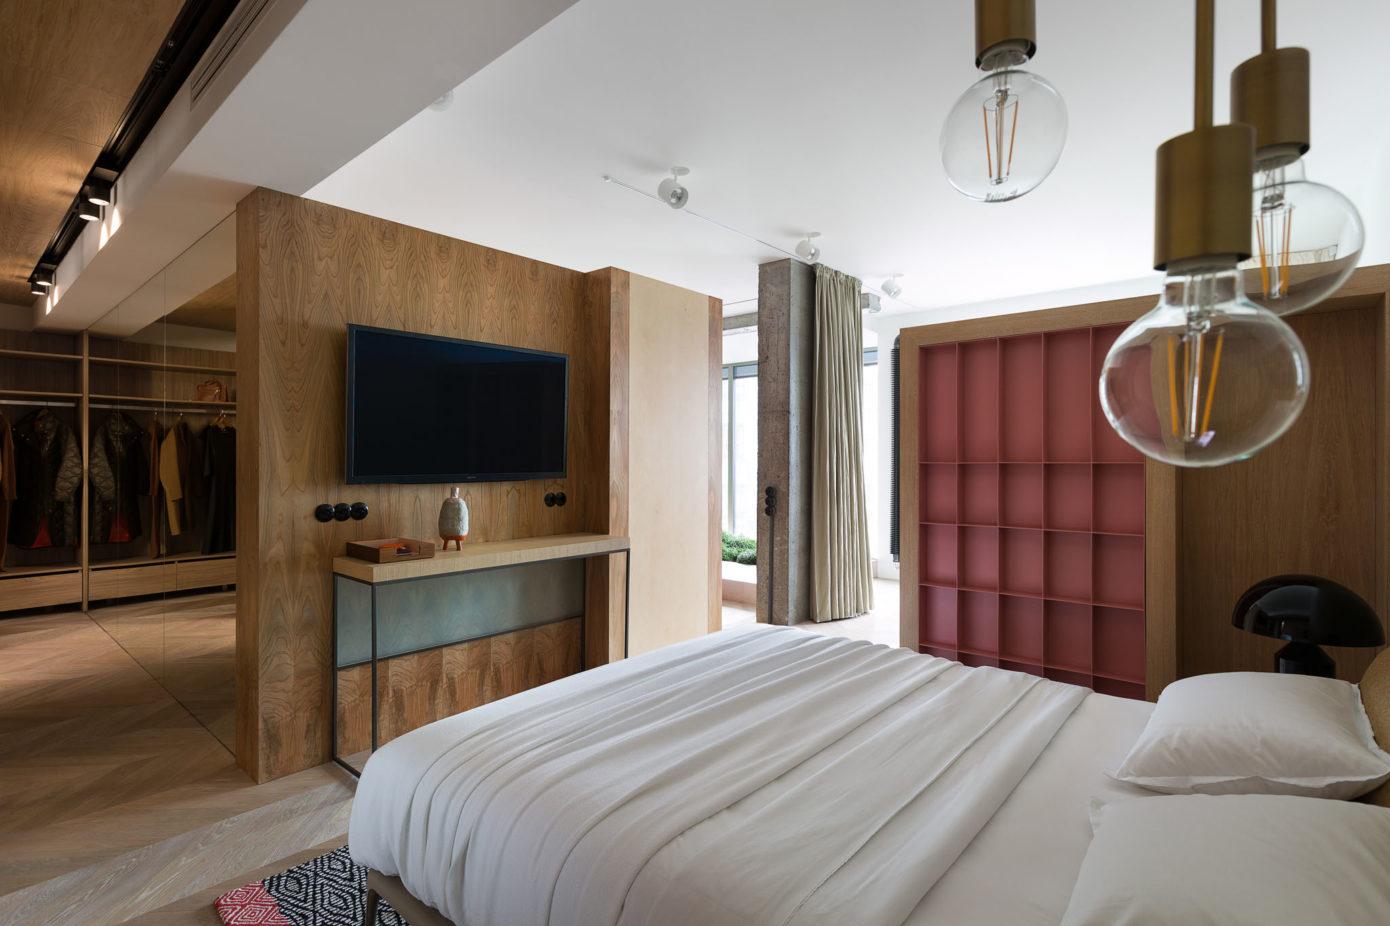 Luxe Slaapkamer Interieur : De luxe slaapkamer suite van olha wood slaapkamer ideeën